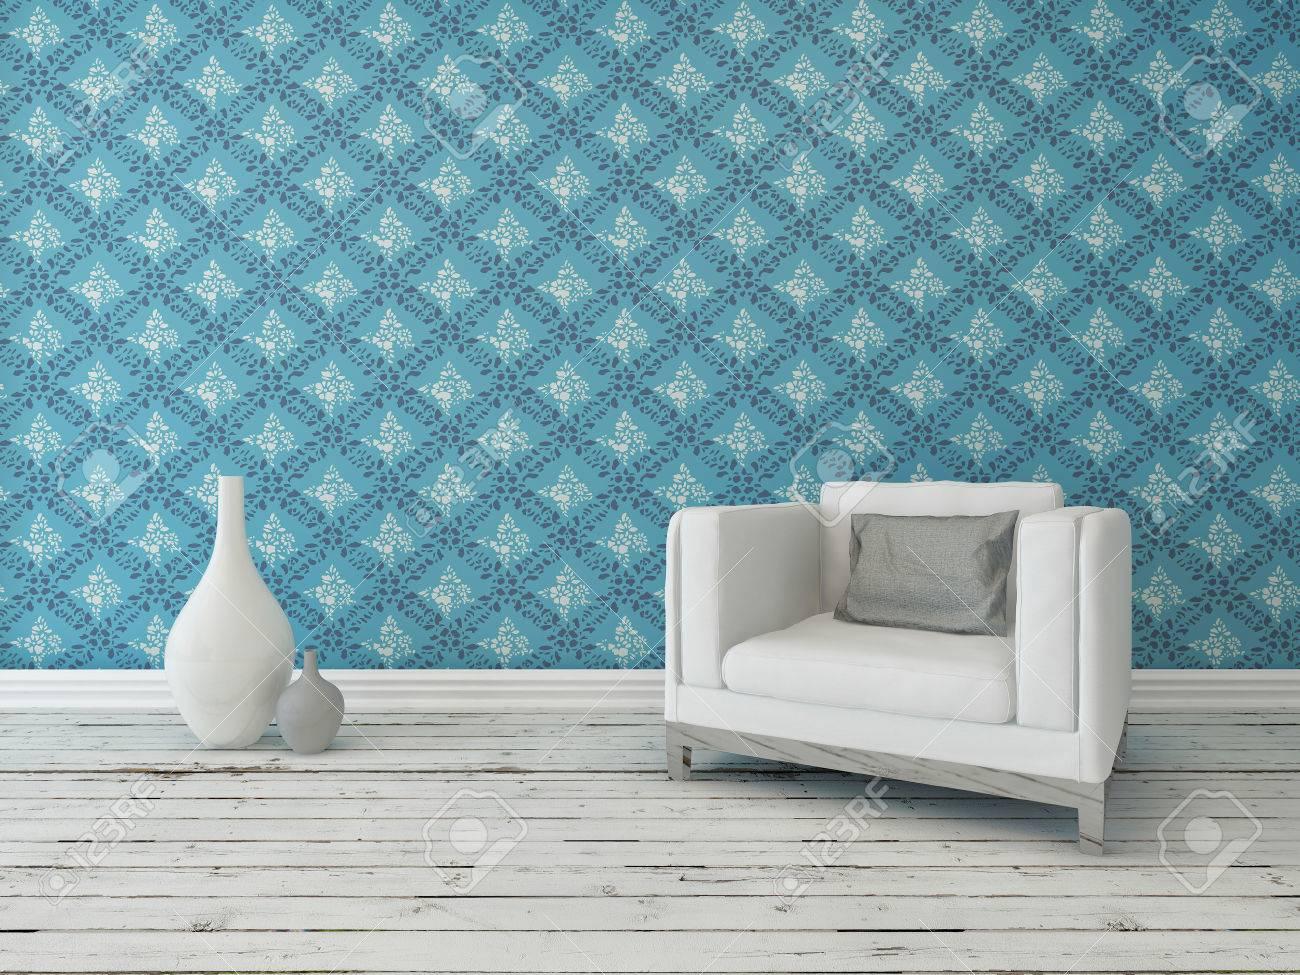 rustiek interieur woonkamer ingericht met een comfortabele crme leunstoel tegen een muur met een groot patroon